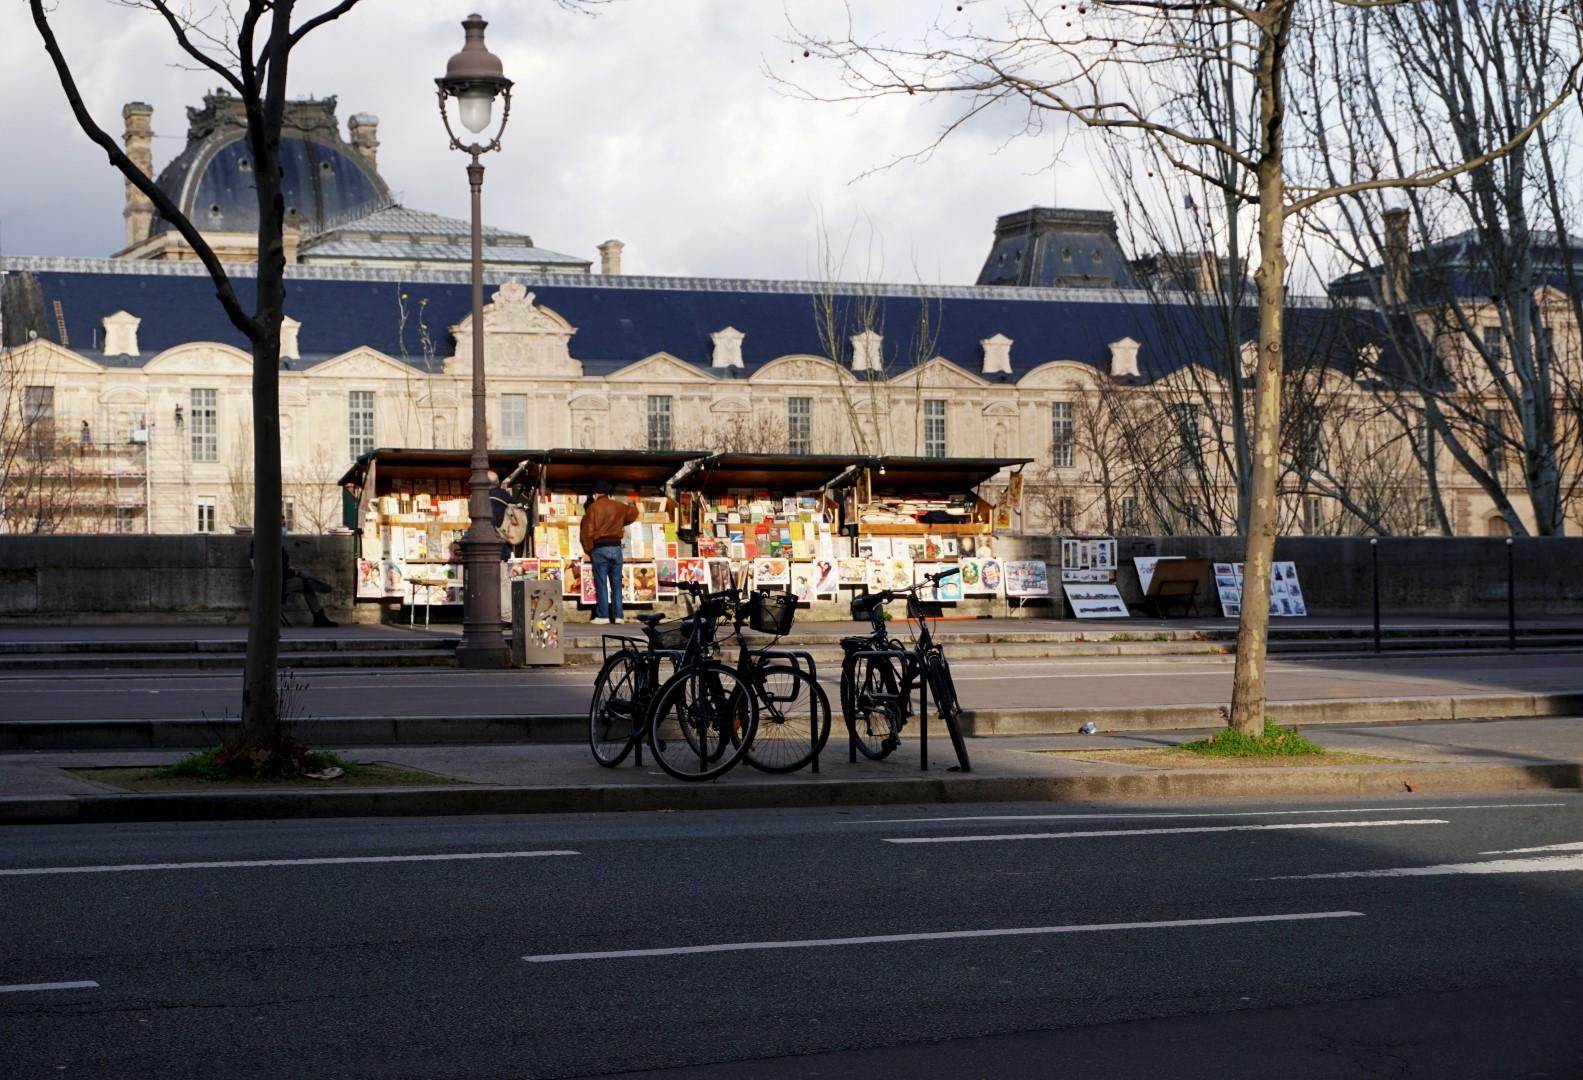 Balade dans le 7e arrondissement de Paris | de Saint Germain des Près au quartier du Gros Caillou - Quai Voltaire, bouquinistes